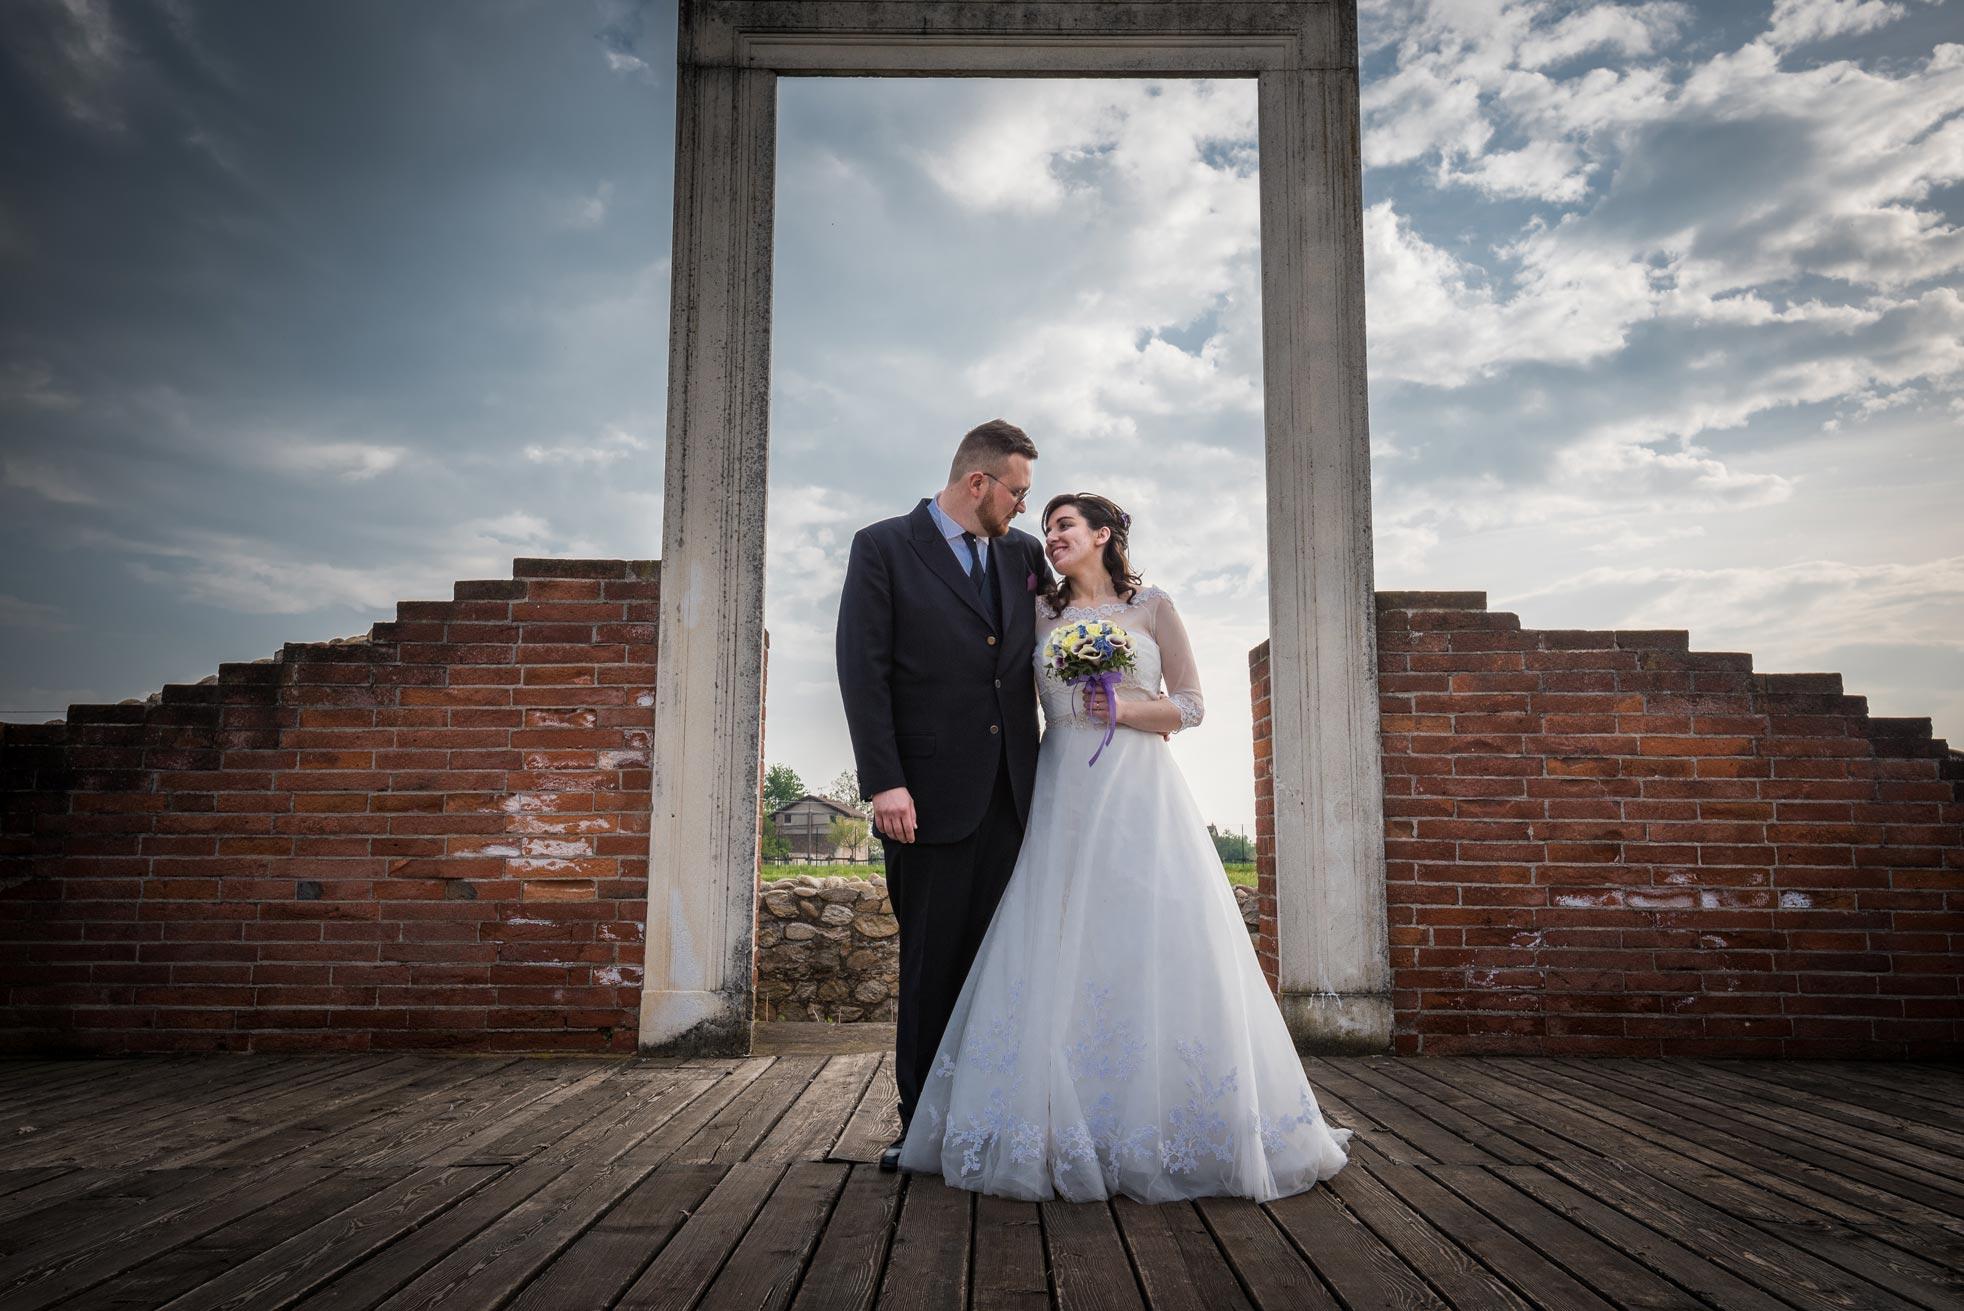 Matrimonio Bra Sonia Antonio - DSC 0676 1 - Fotografo matrimonio nel Roero - Fotografo matrimonio nel Roero